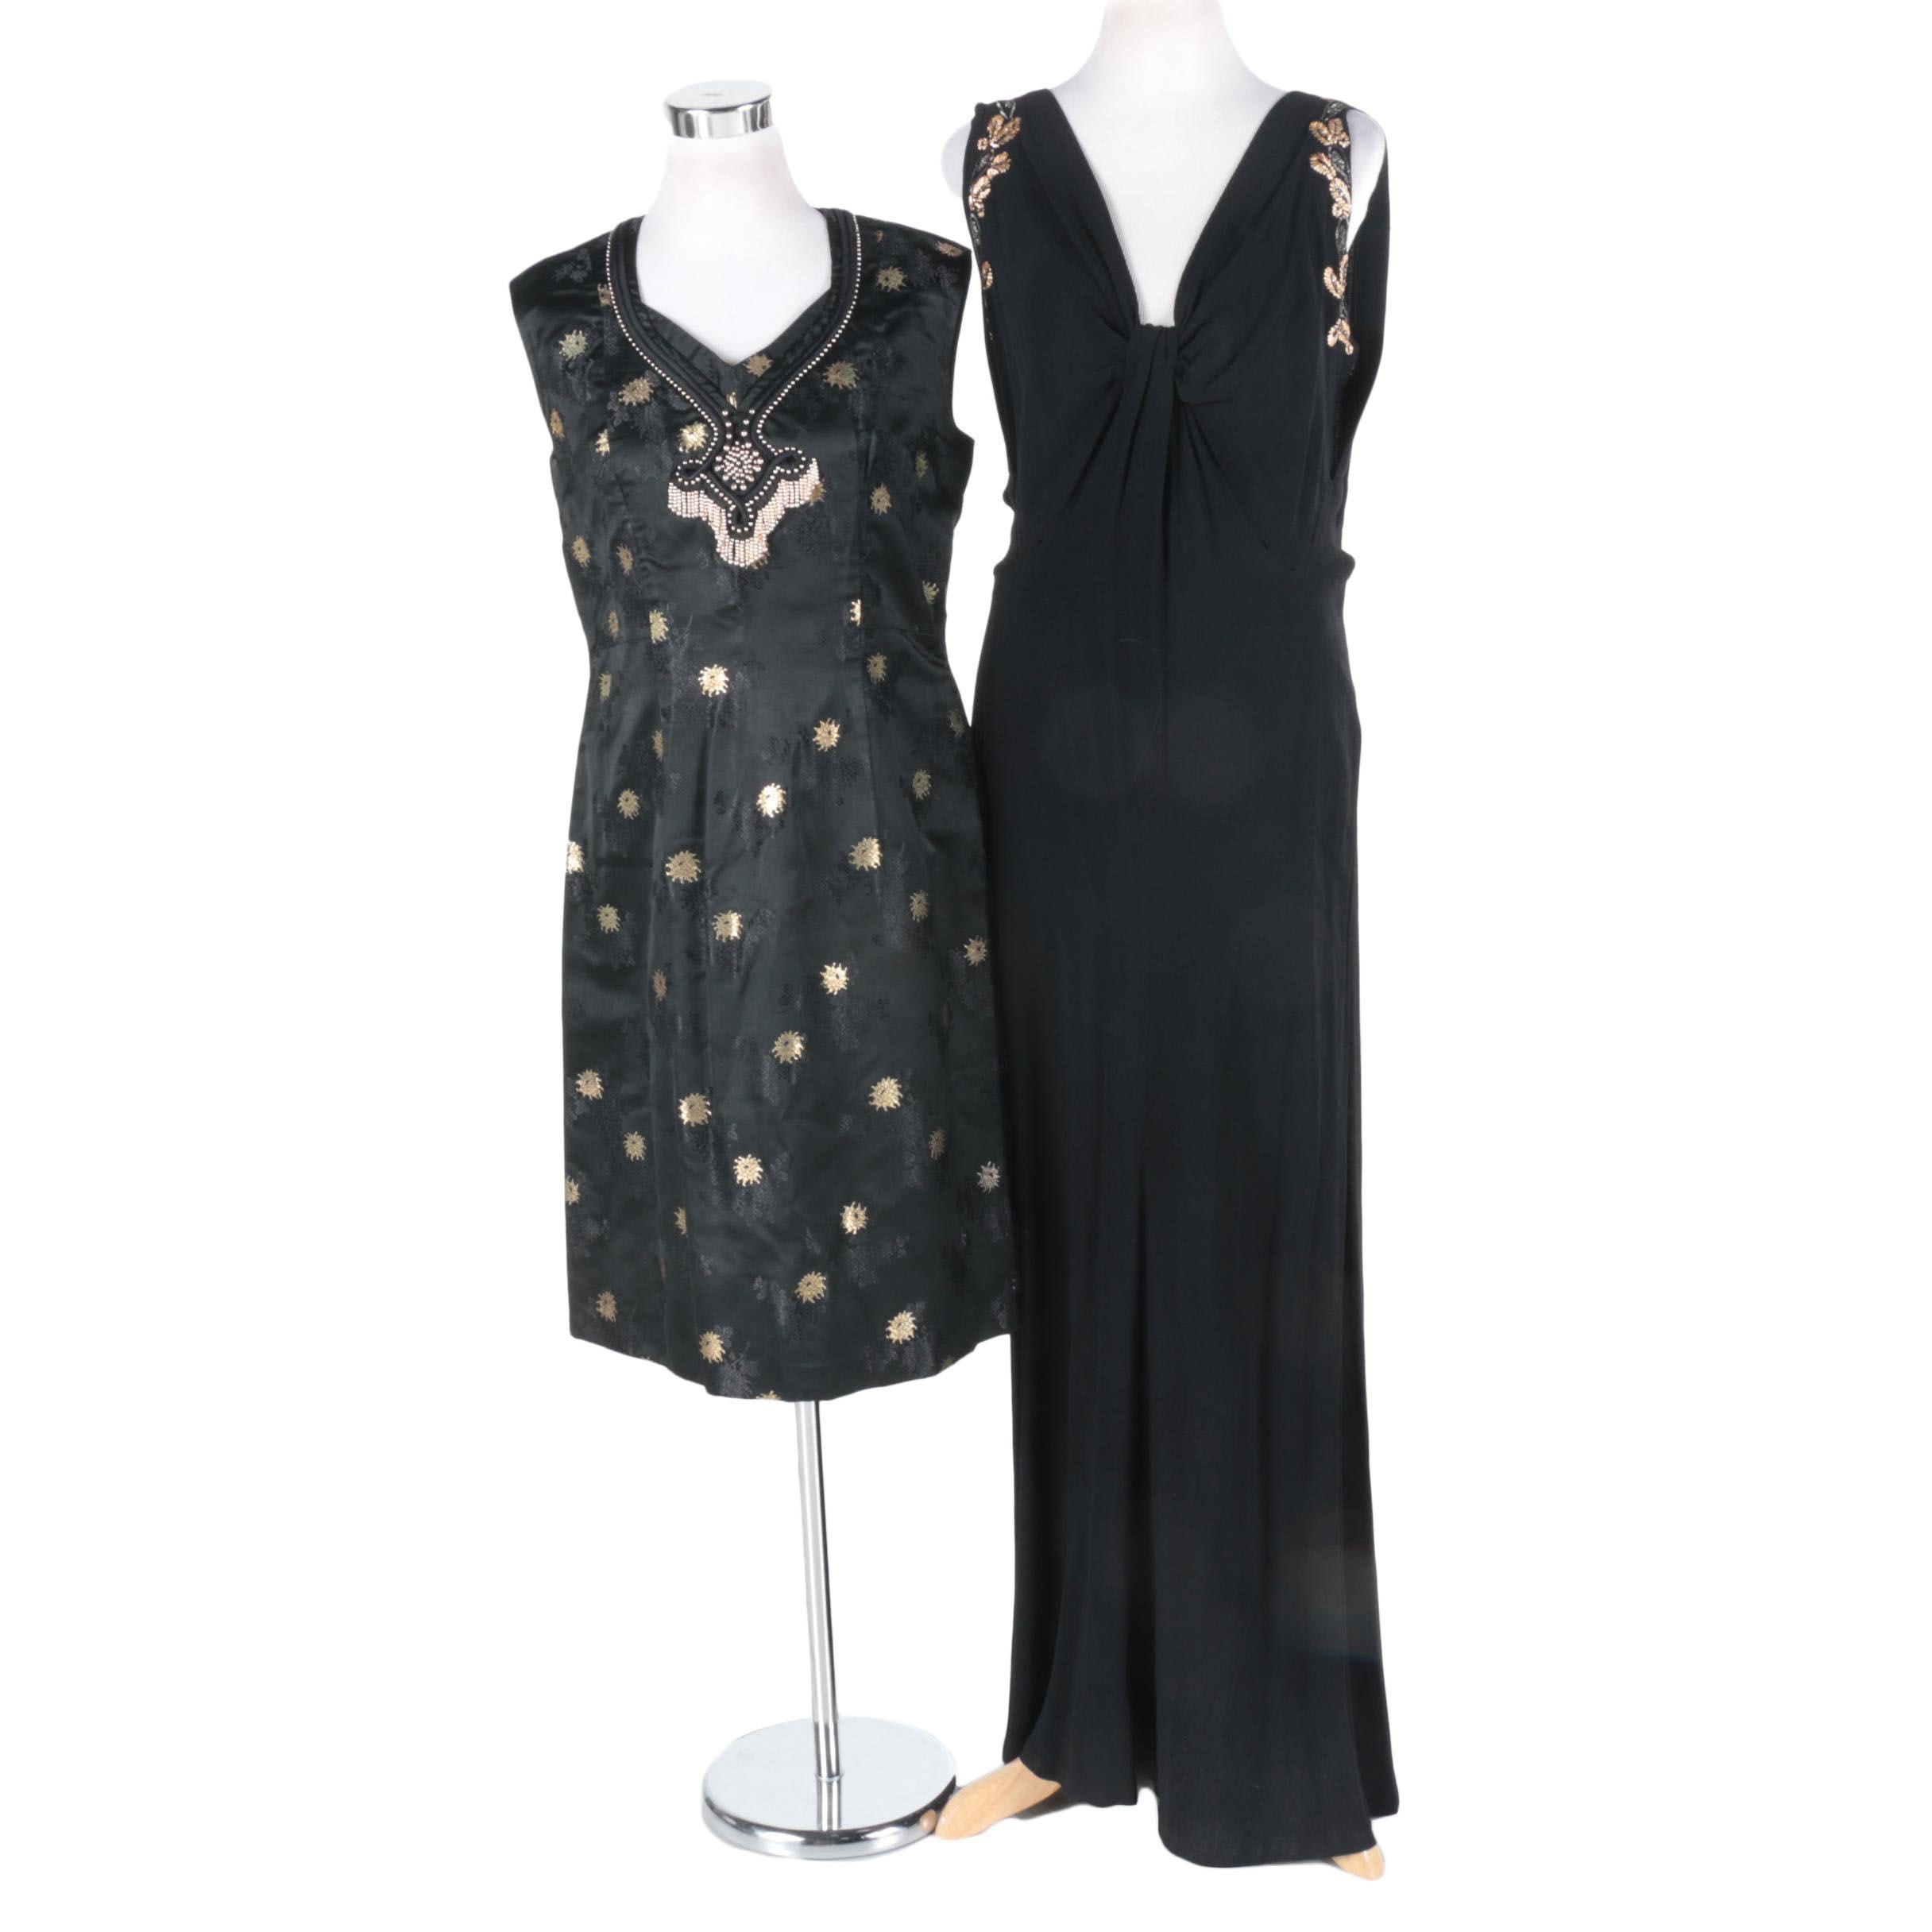 Women's Vintage Cocktail Dresses